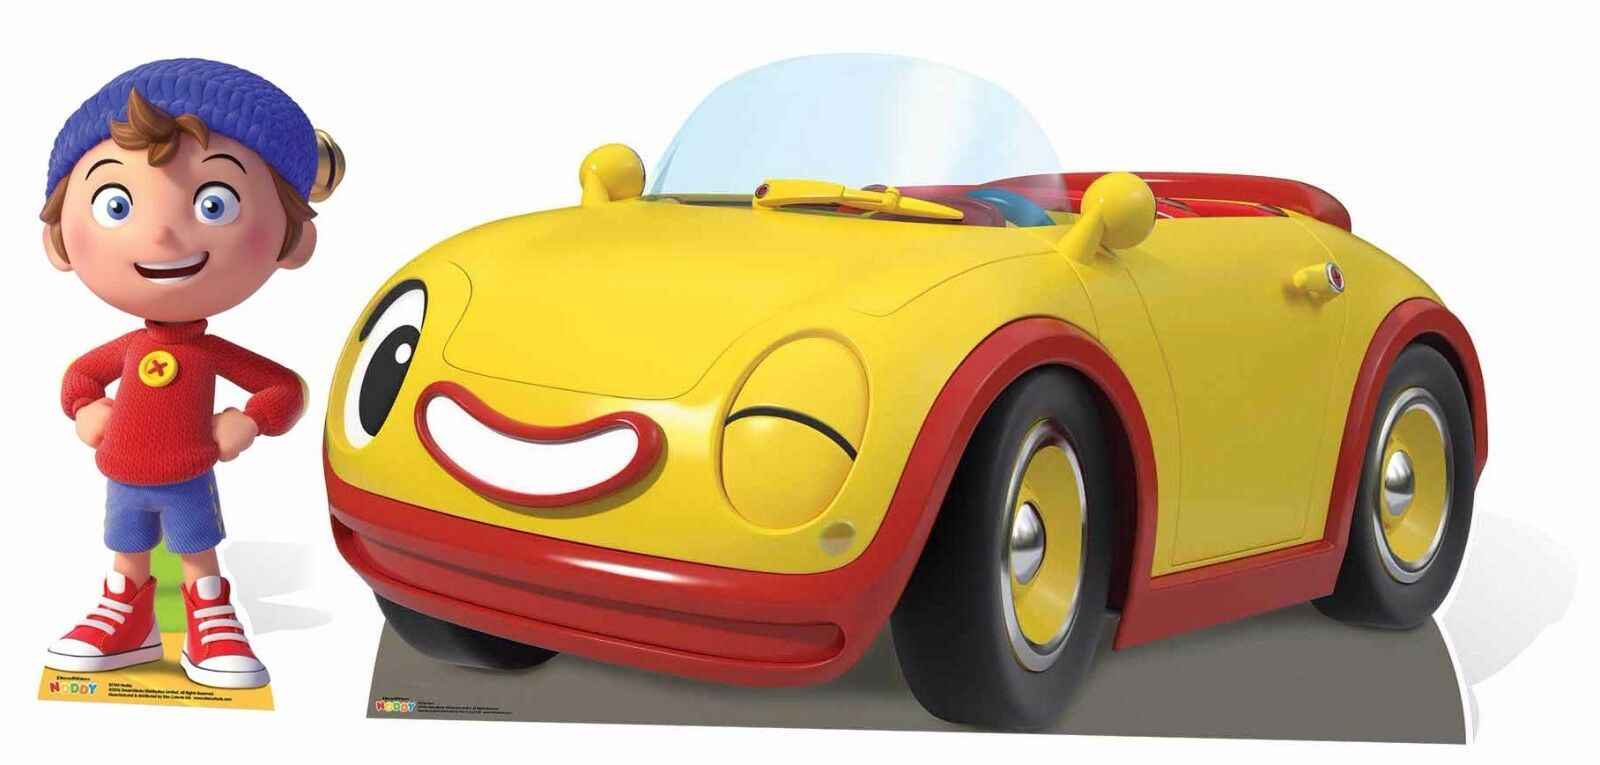 Noddy e Revs In Toyland Detective Sagoma Di Cartone Pacco Doppio per bambini